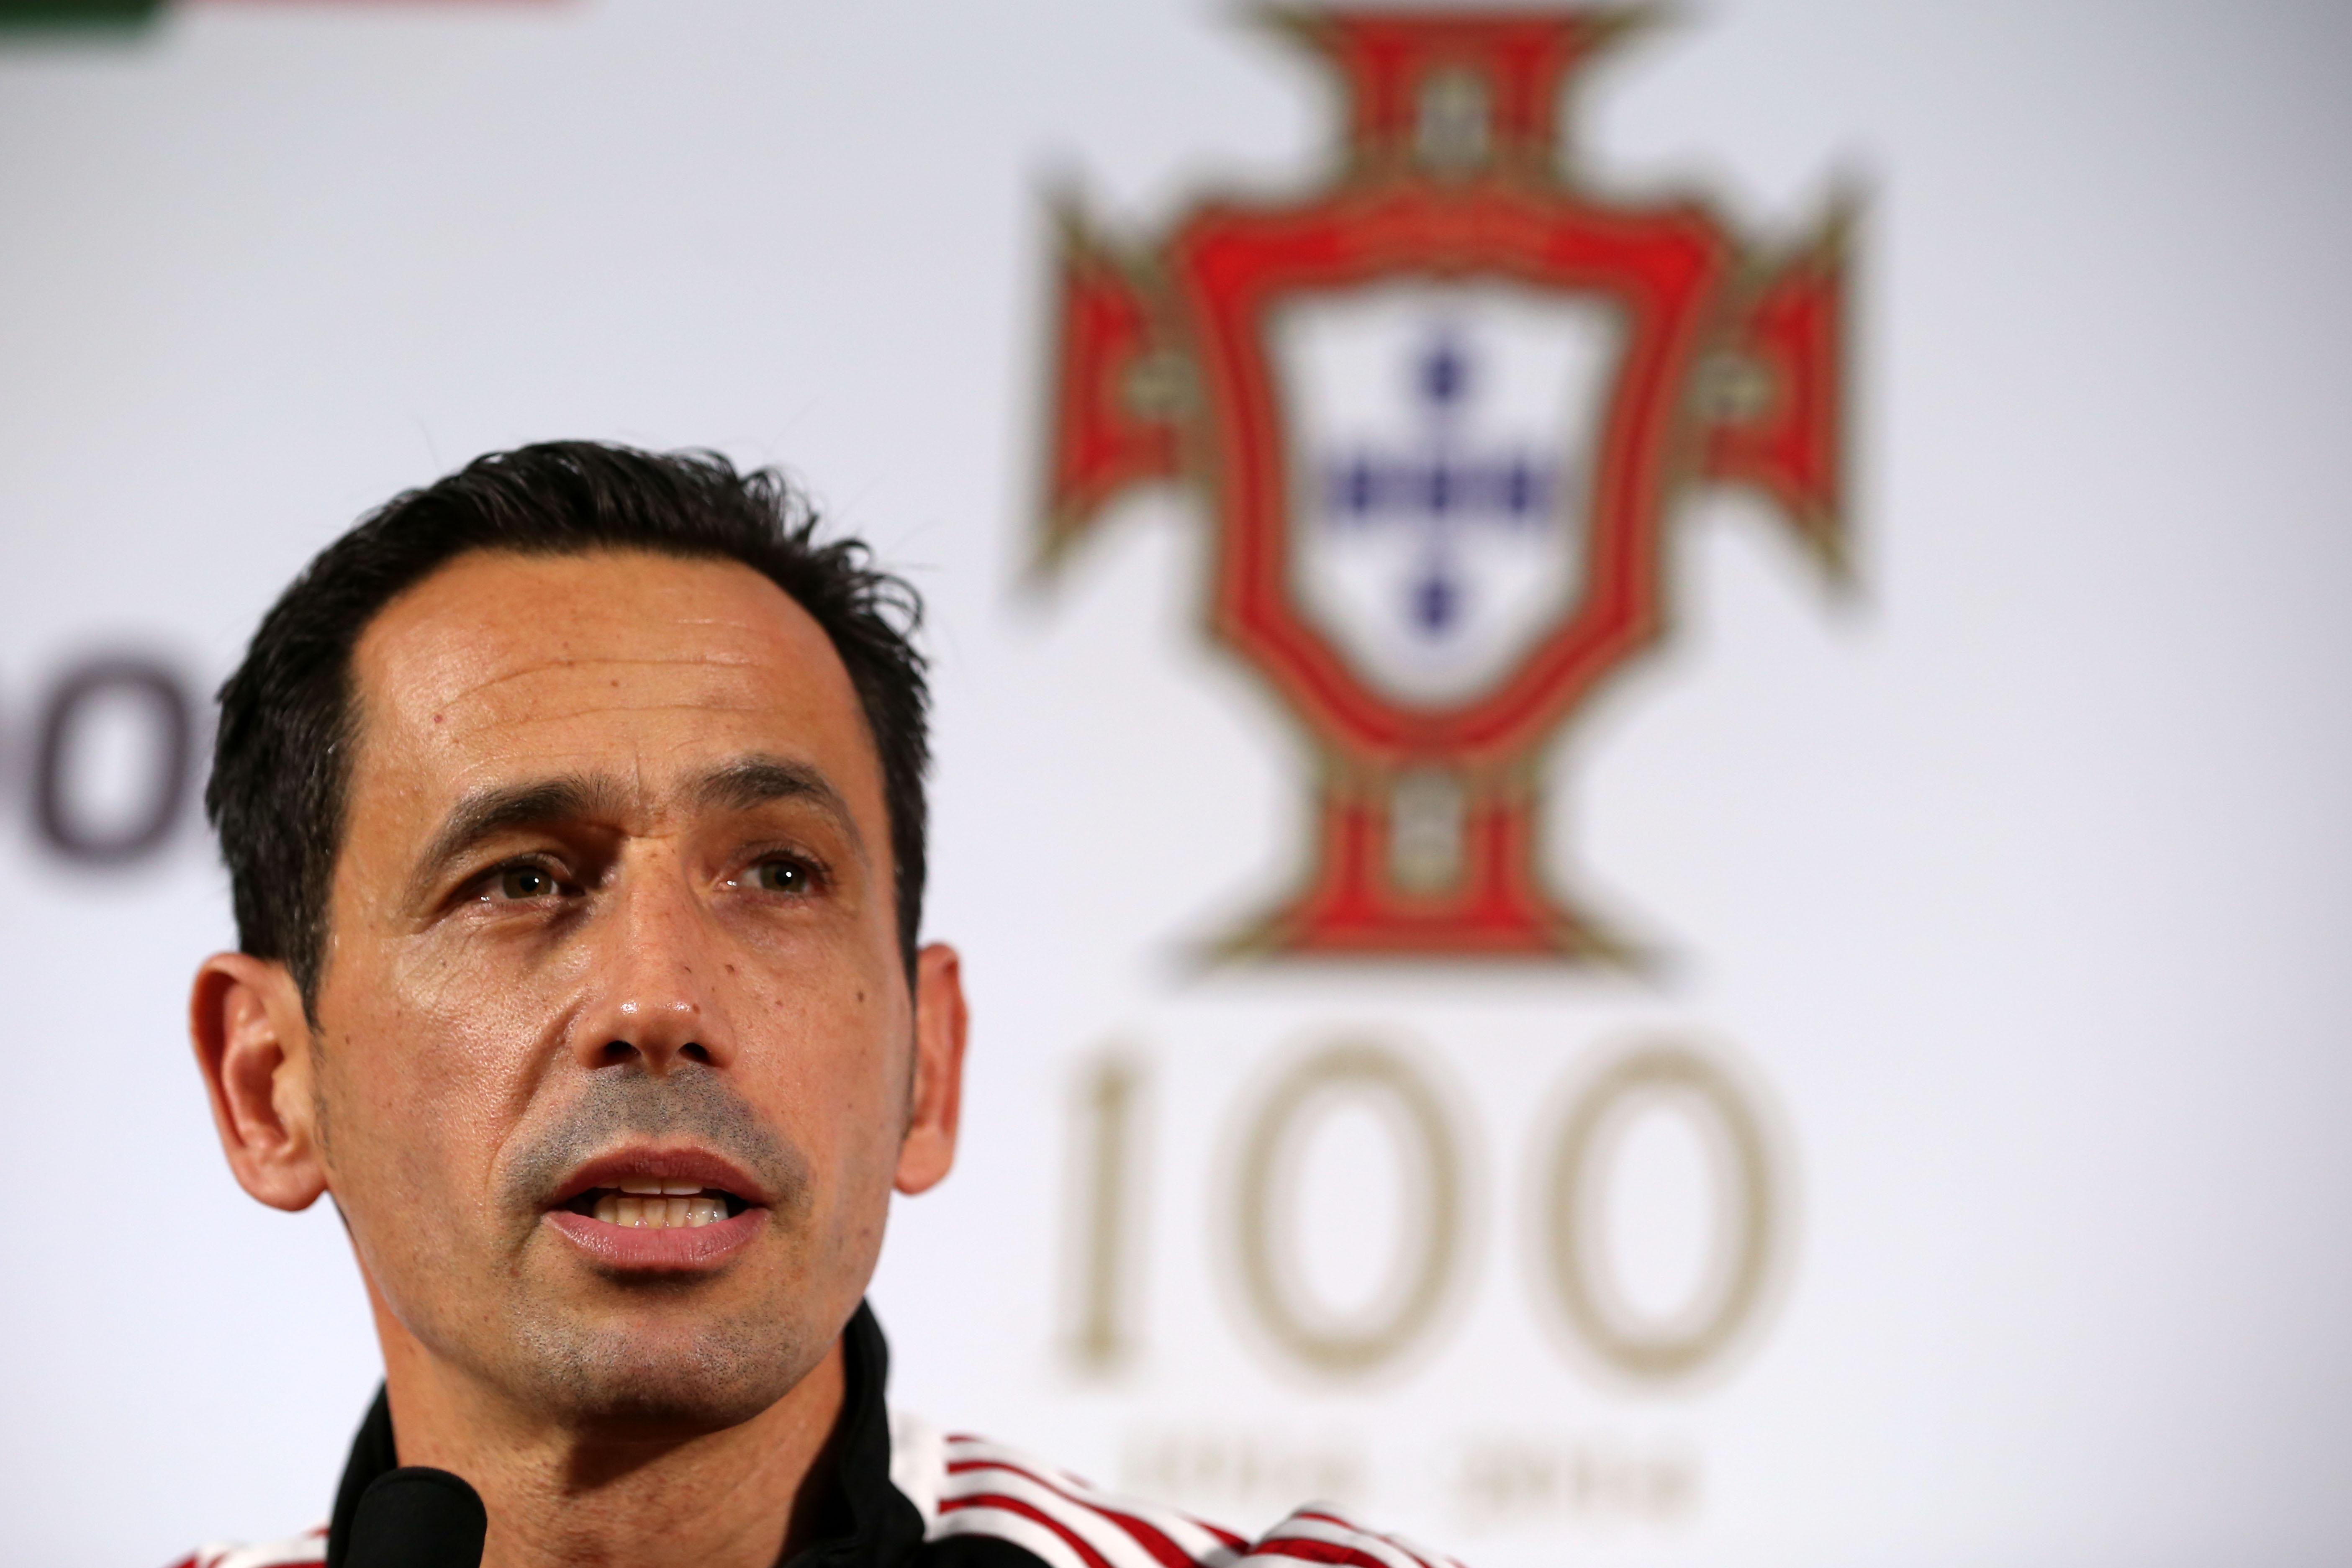 Pedro Proença ameaça demitir-se da Liga de clubes